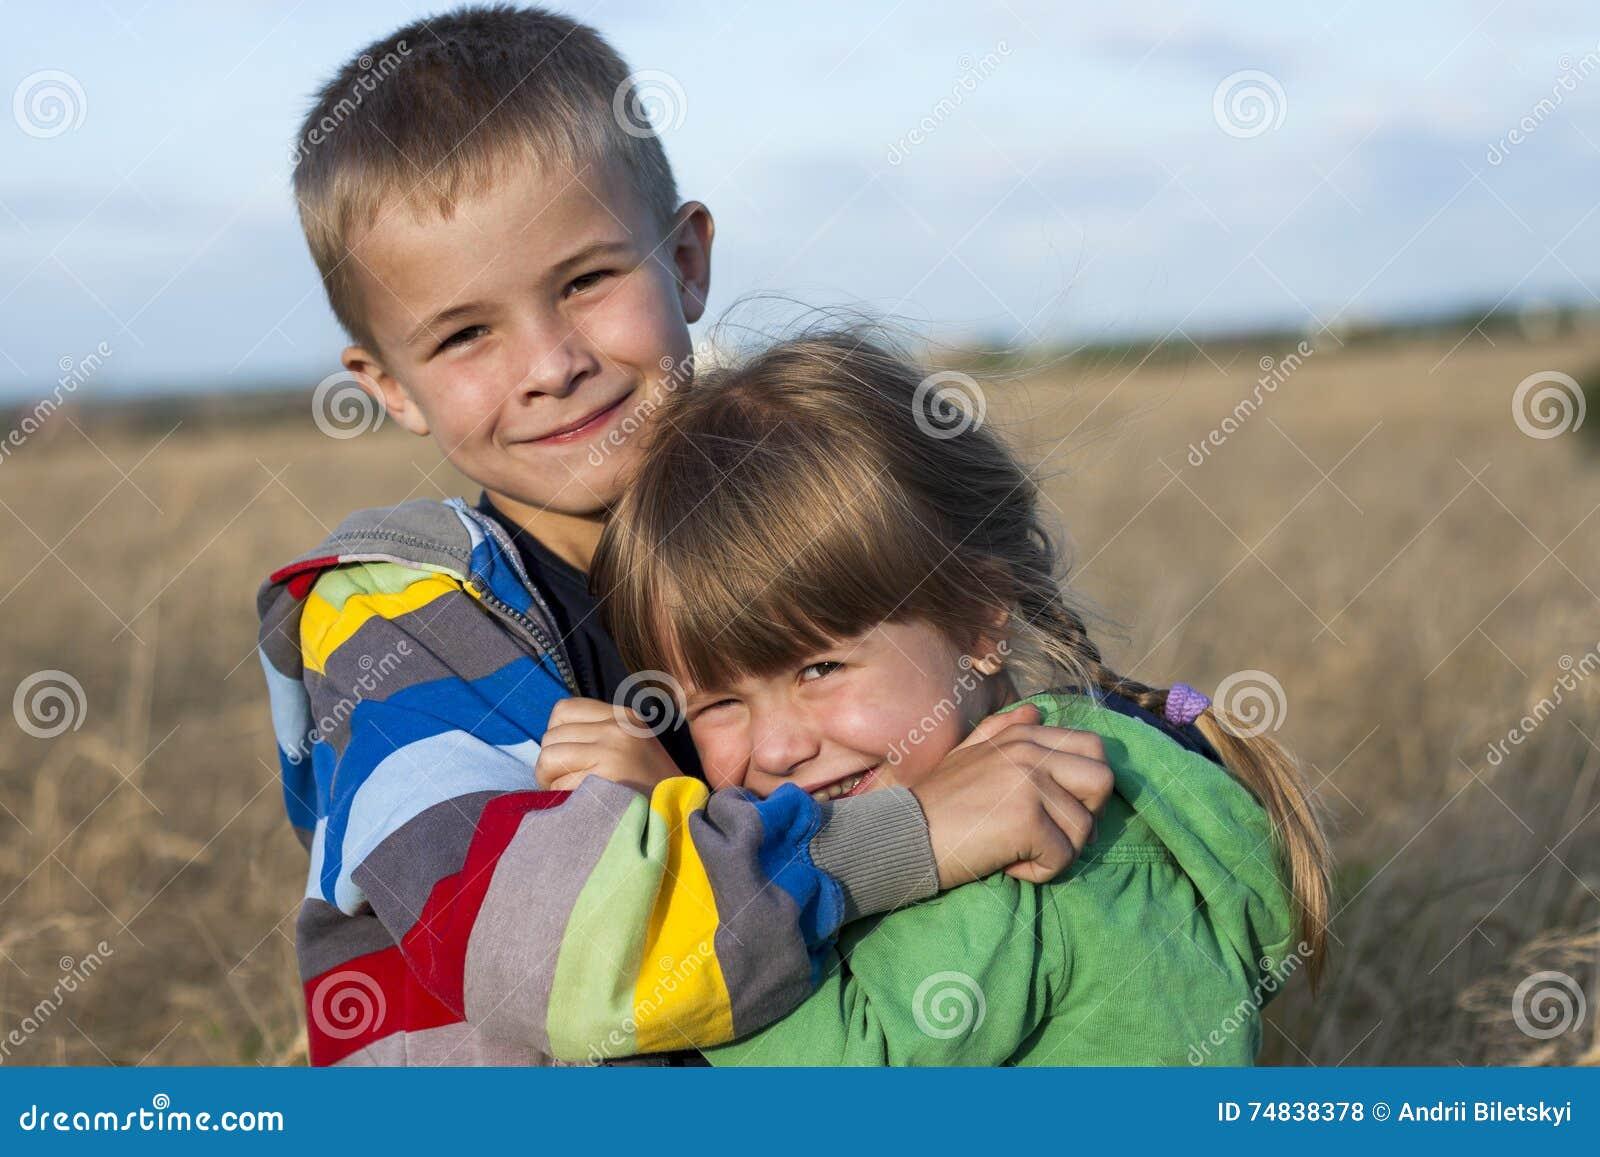 Русский инцест родного брата с сестрой, Инцест брата с сестрой 14 фотография